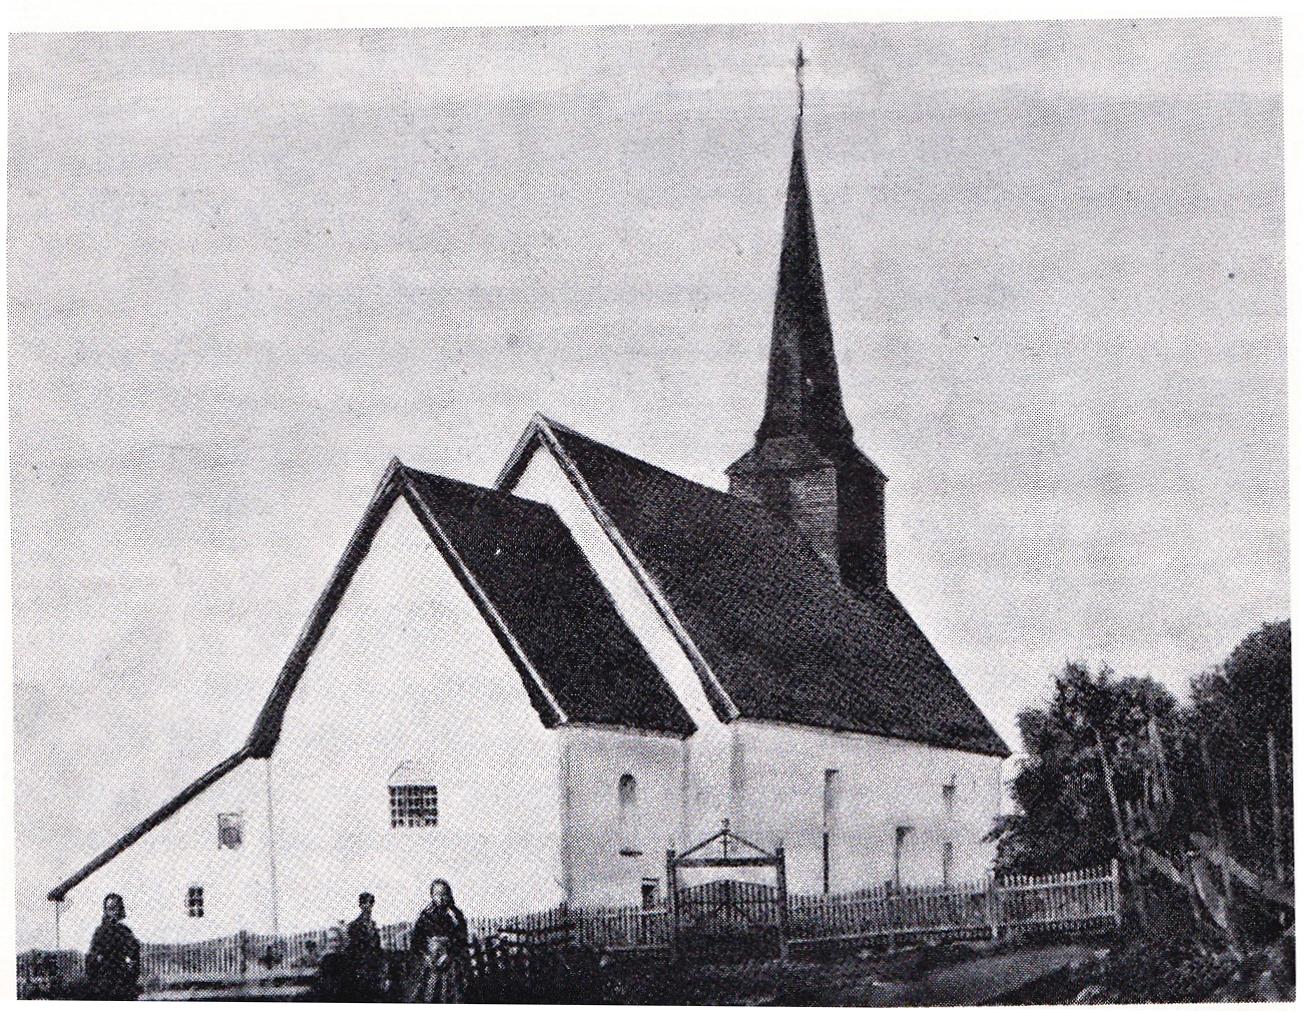 Slik såg kyrkja ut fram til 1880, med tårn. Men framleis nnest altertavle og alterbord frå 1692. Døypefont og preikestol frå middelalderen i dagens kyrkje.